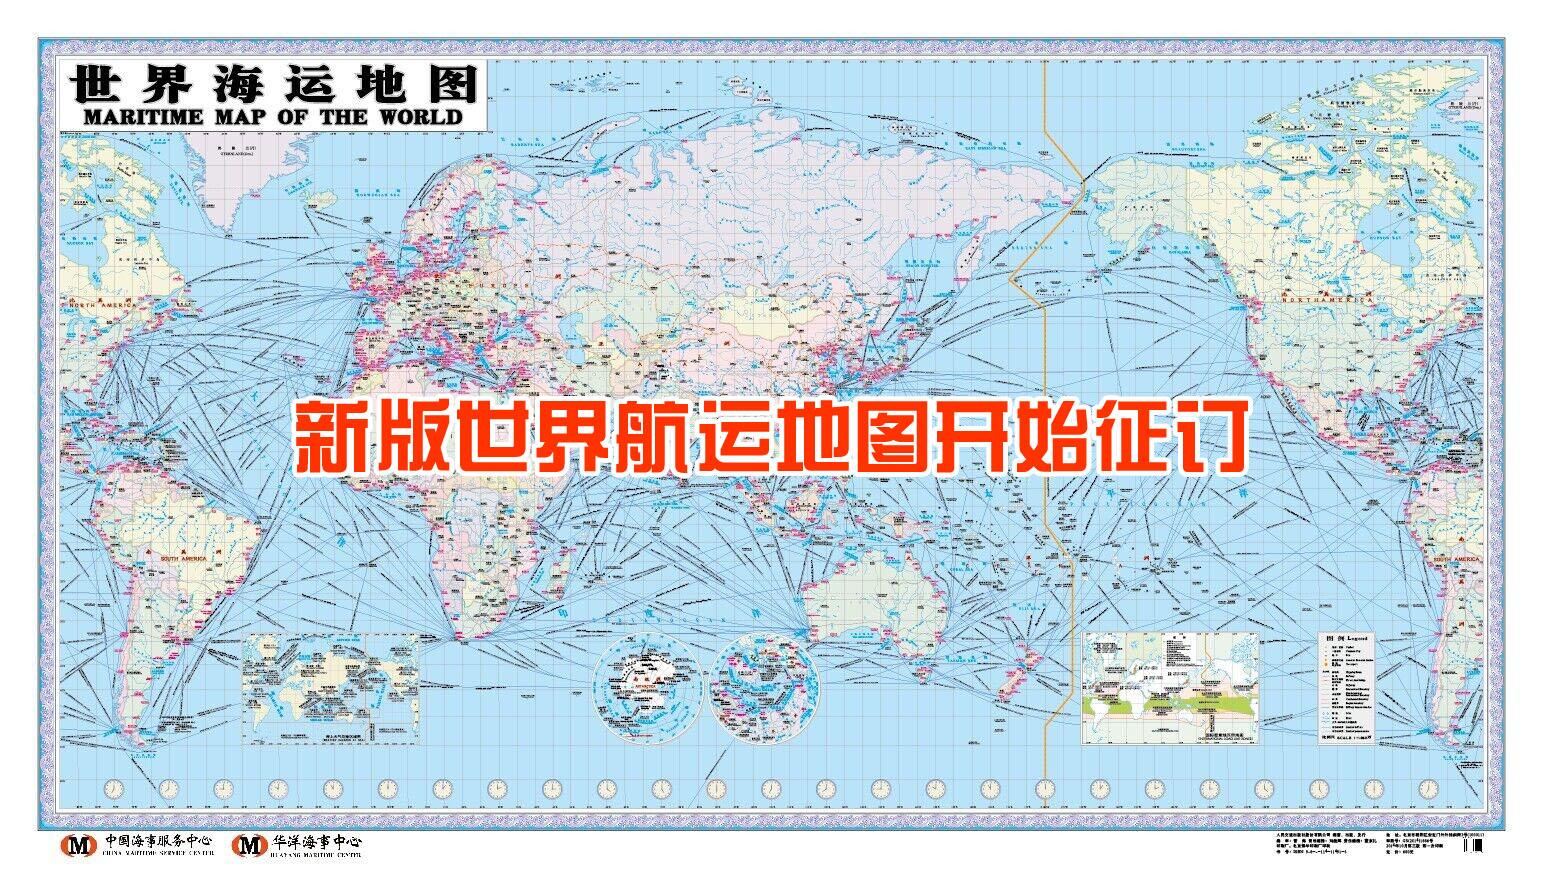 新版世界航运地图开始征订